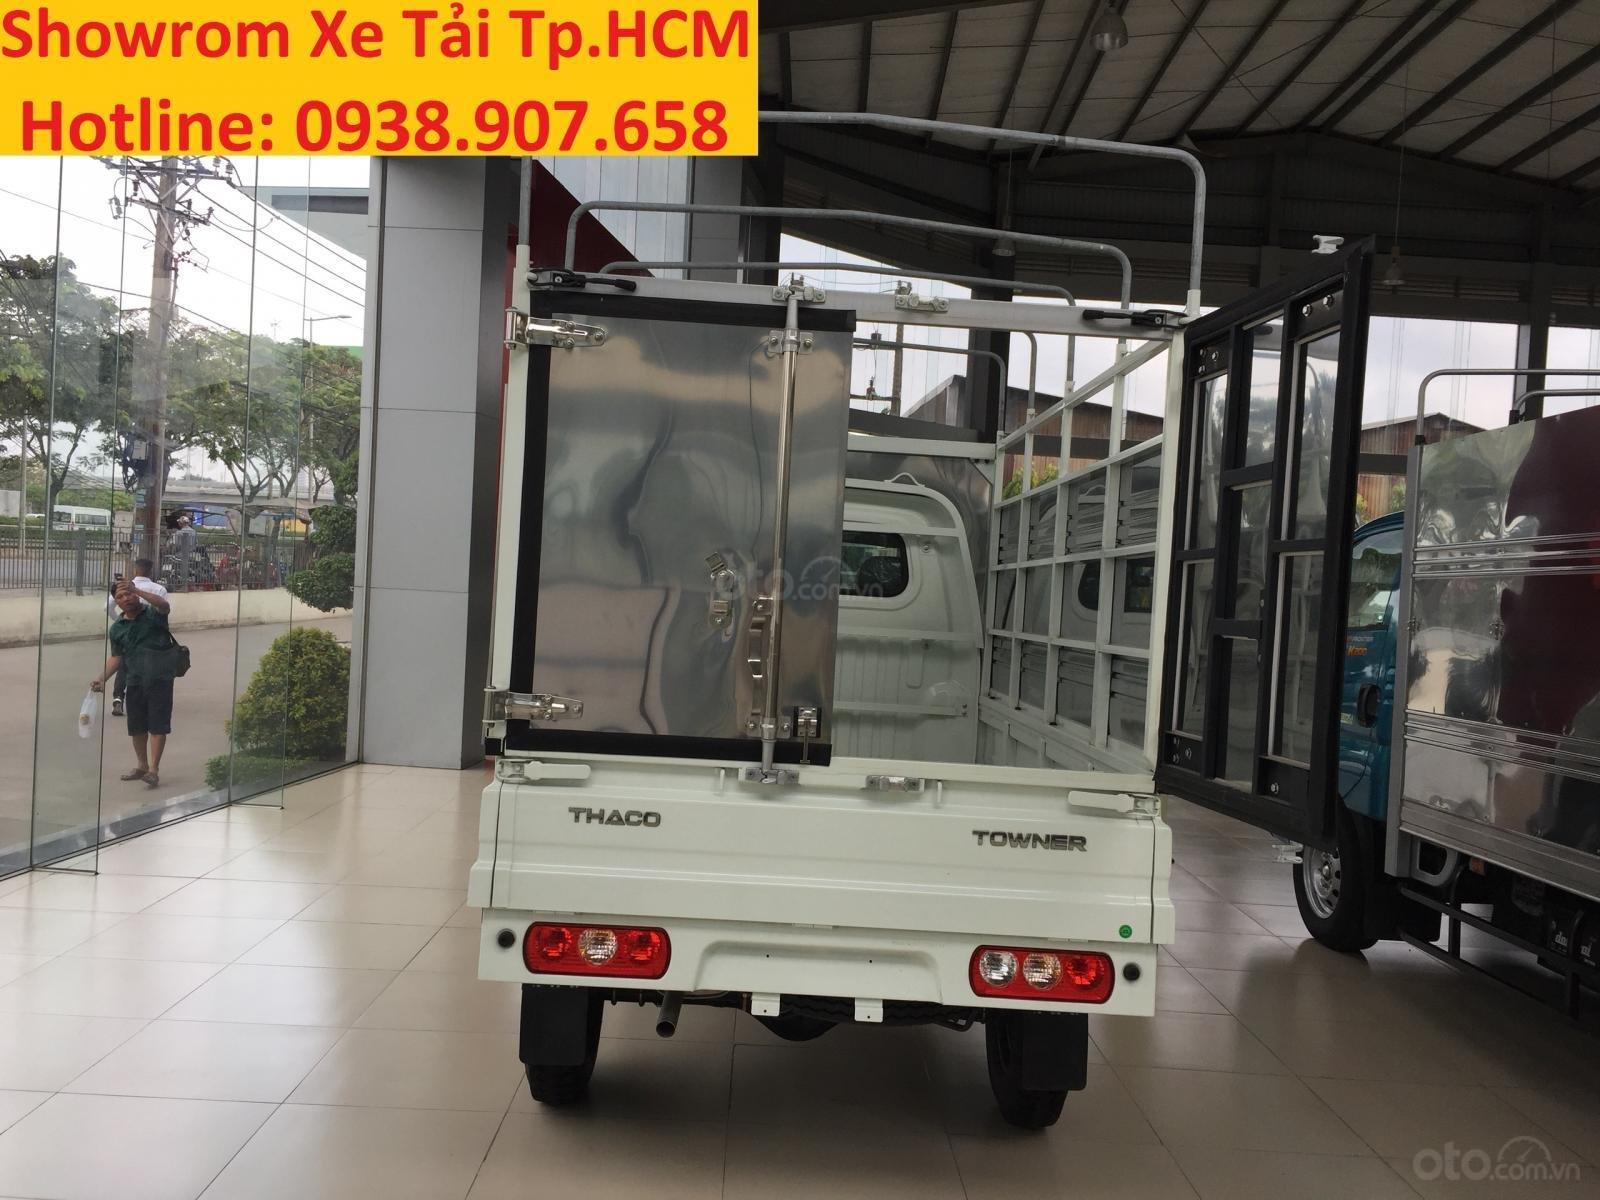 Bán xe tải Thaco Towner 990, tải trọng 990 kg, New 2019, khuyến mãi 100% trước bạ-6